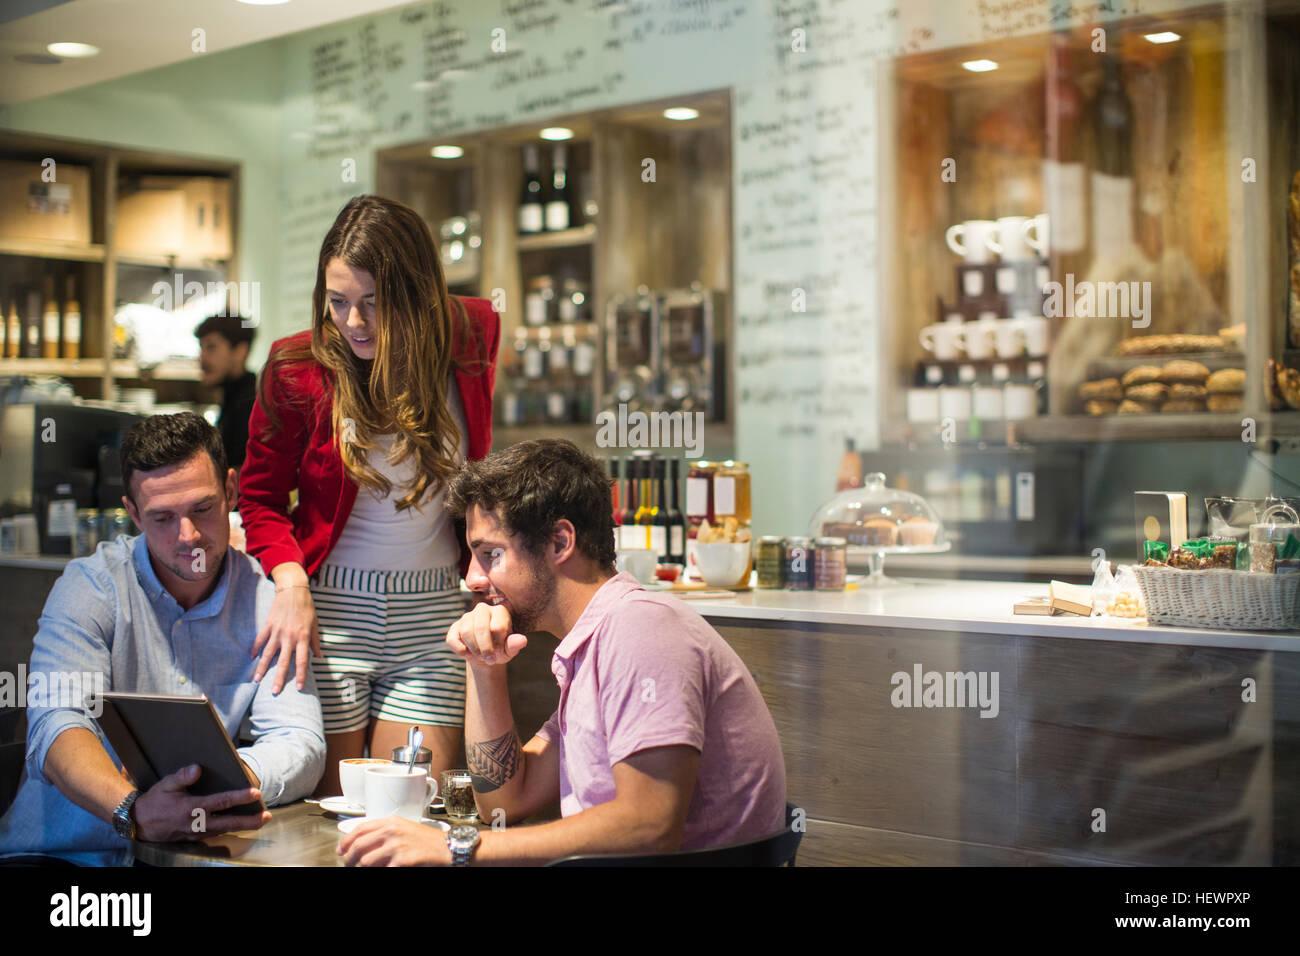 Männliche und weibliche Freunde im Café Blick auf digital-Tablette Stockbild